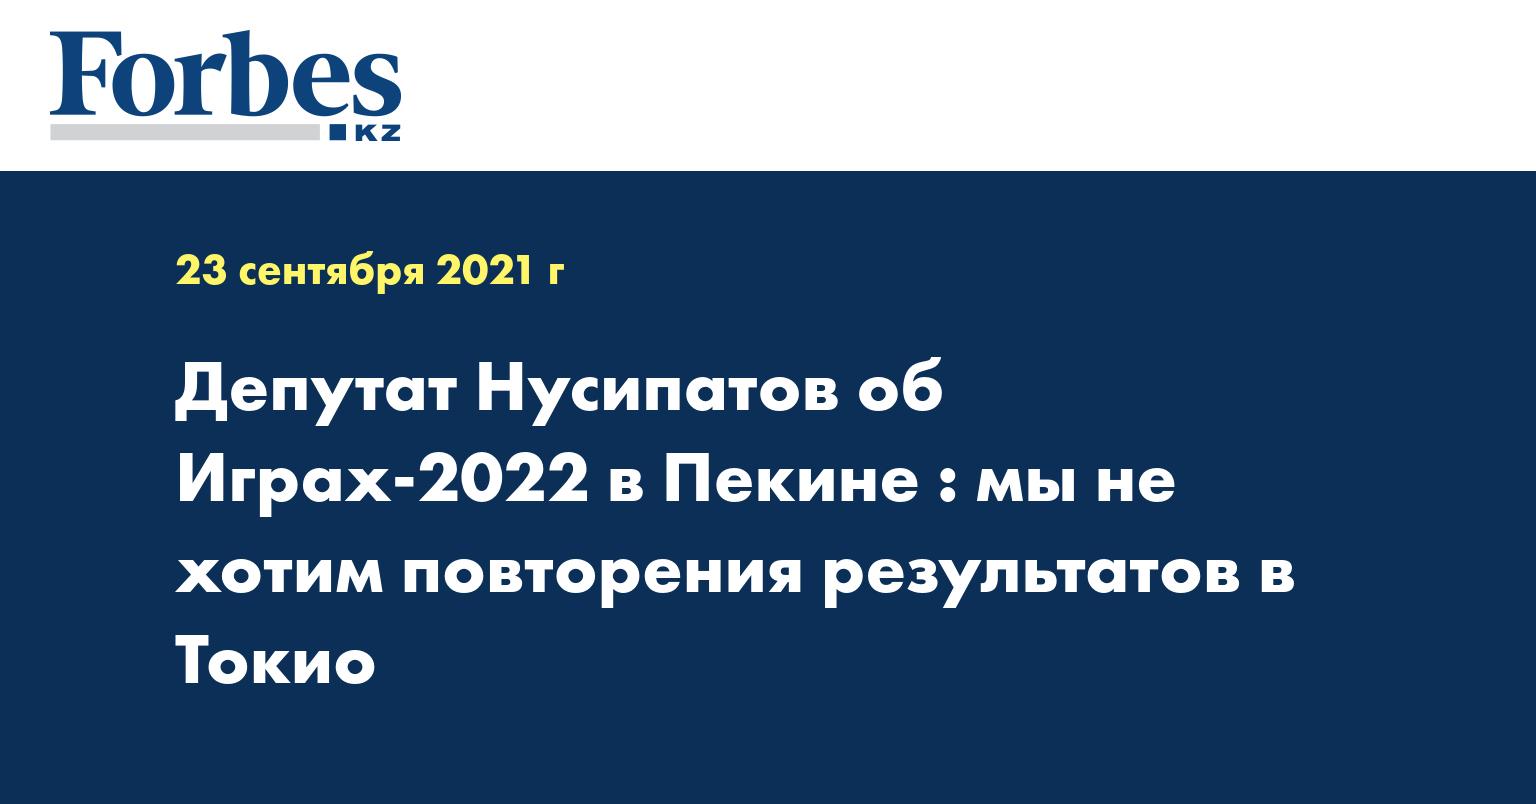 Депутат Нусипатов об Играх-2022 в Пекине : мы не хотим повторения результатов в Токио